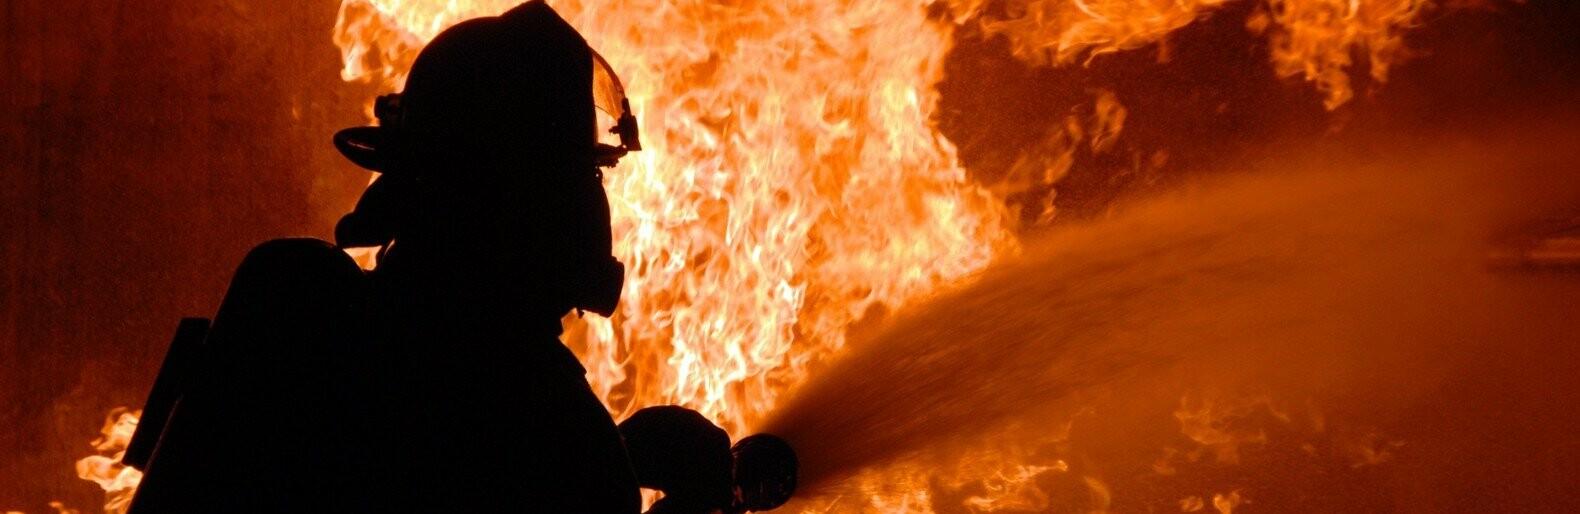 В Одессе во время пожара мужчина отравился угарным газом и погиб0